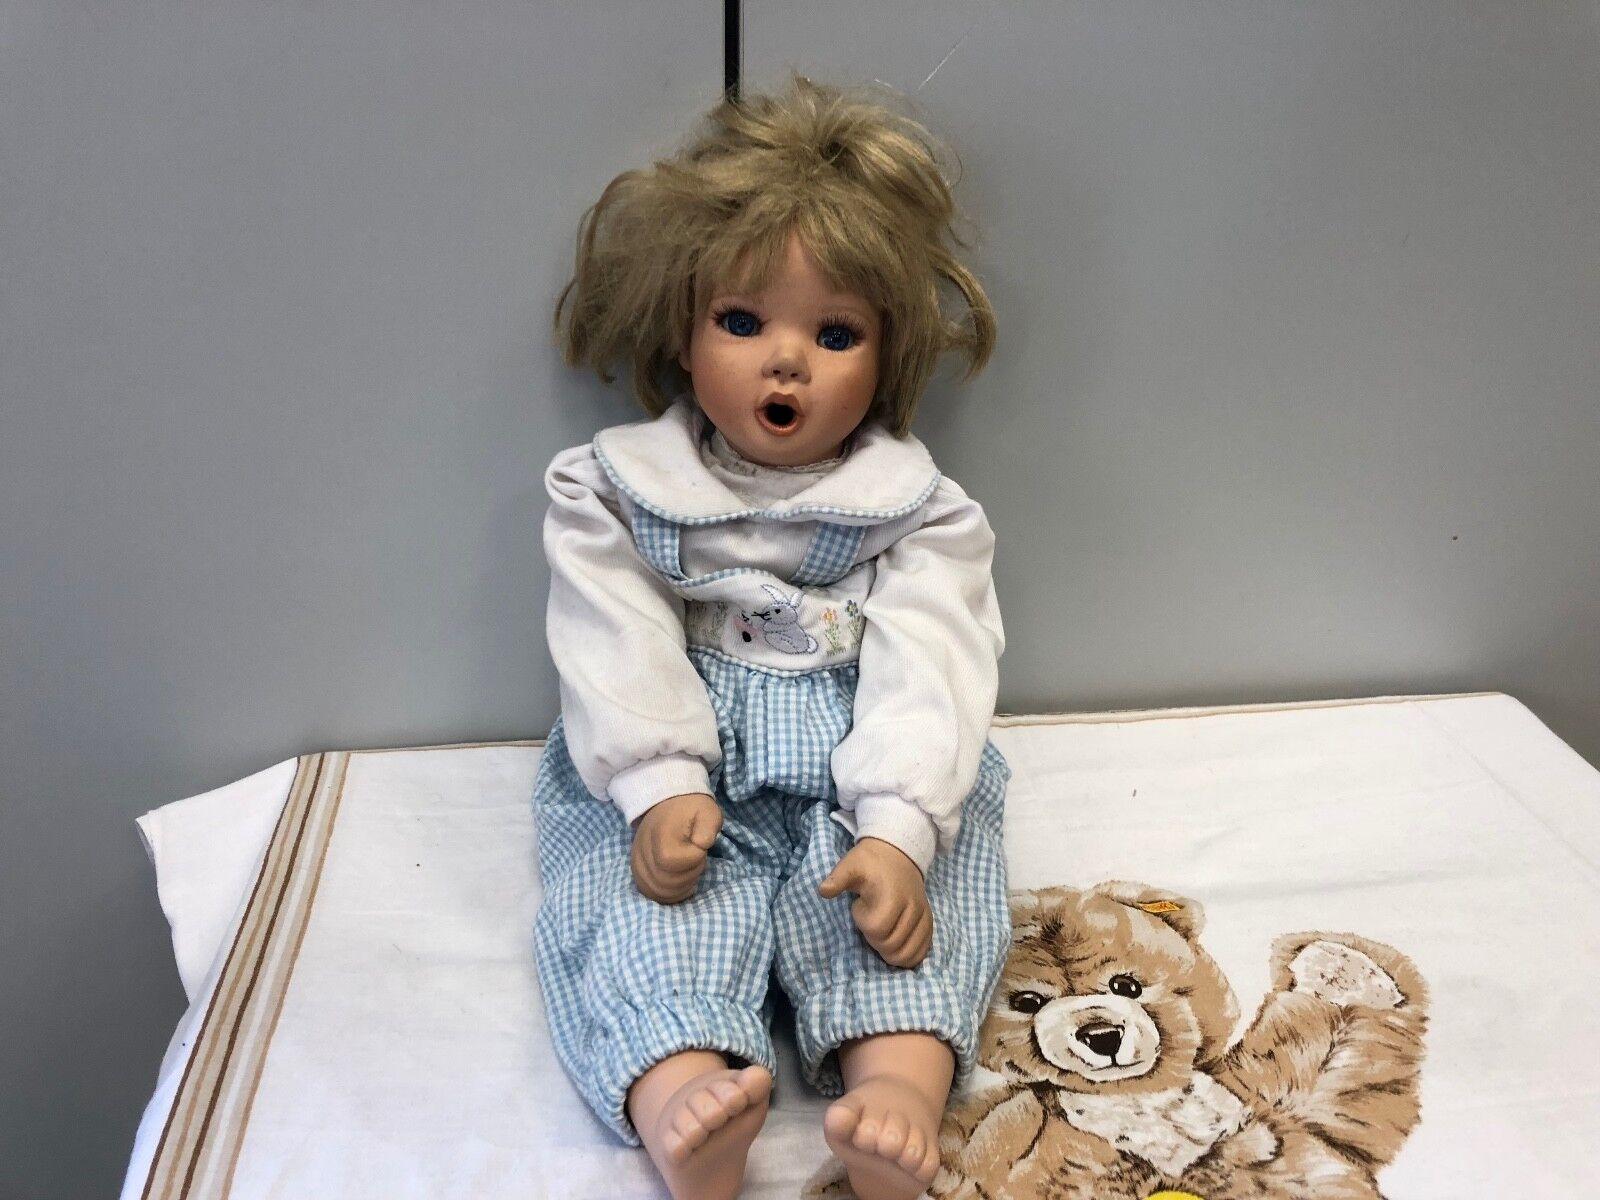 Jessica Jessica Jessica Sauer bambola di porcellana 50 cm. edizione limitata. BUONO stato fcbc4c